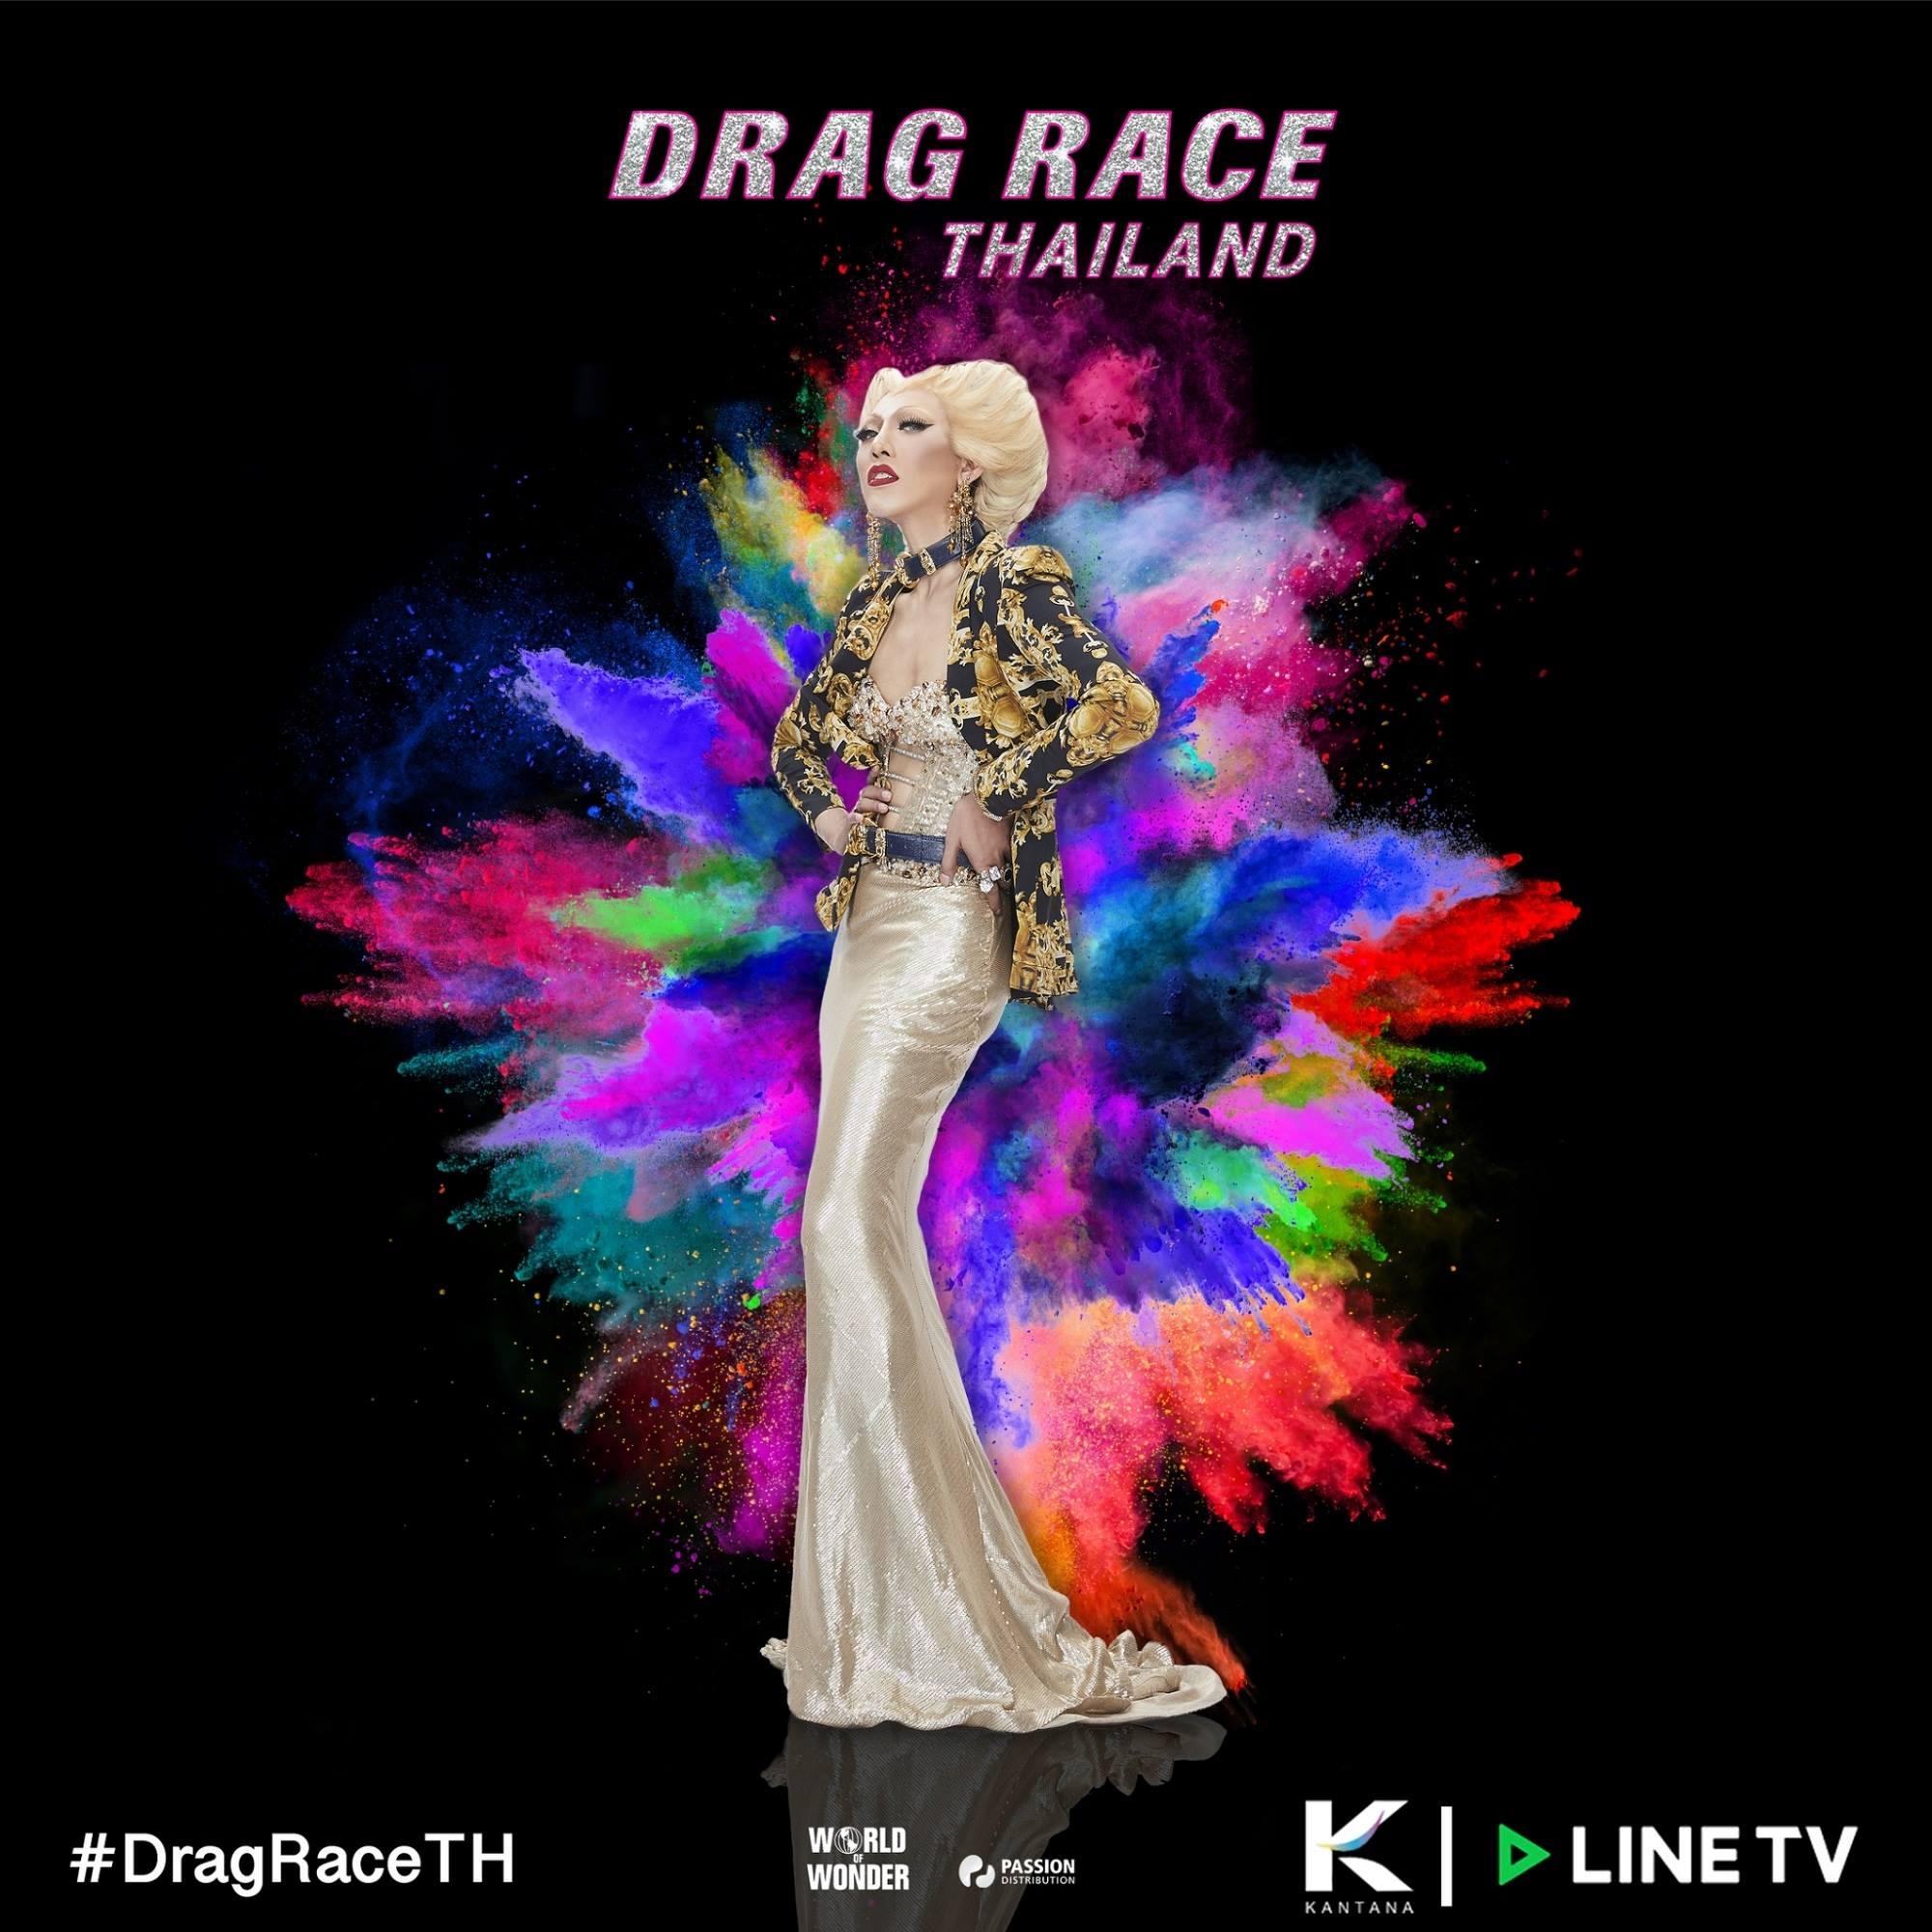 rupaul's drag race thailand cast 2